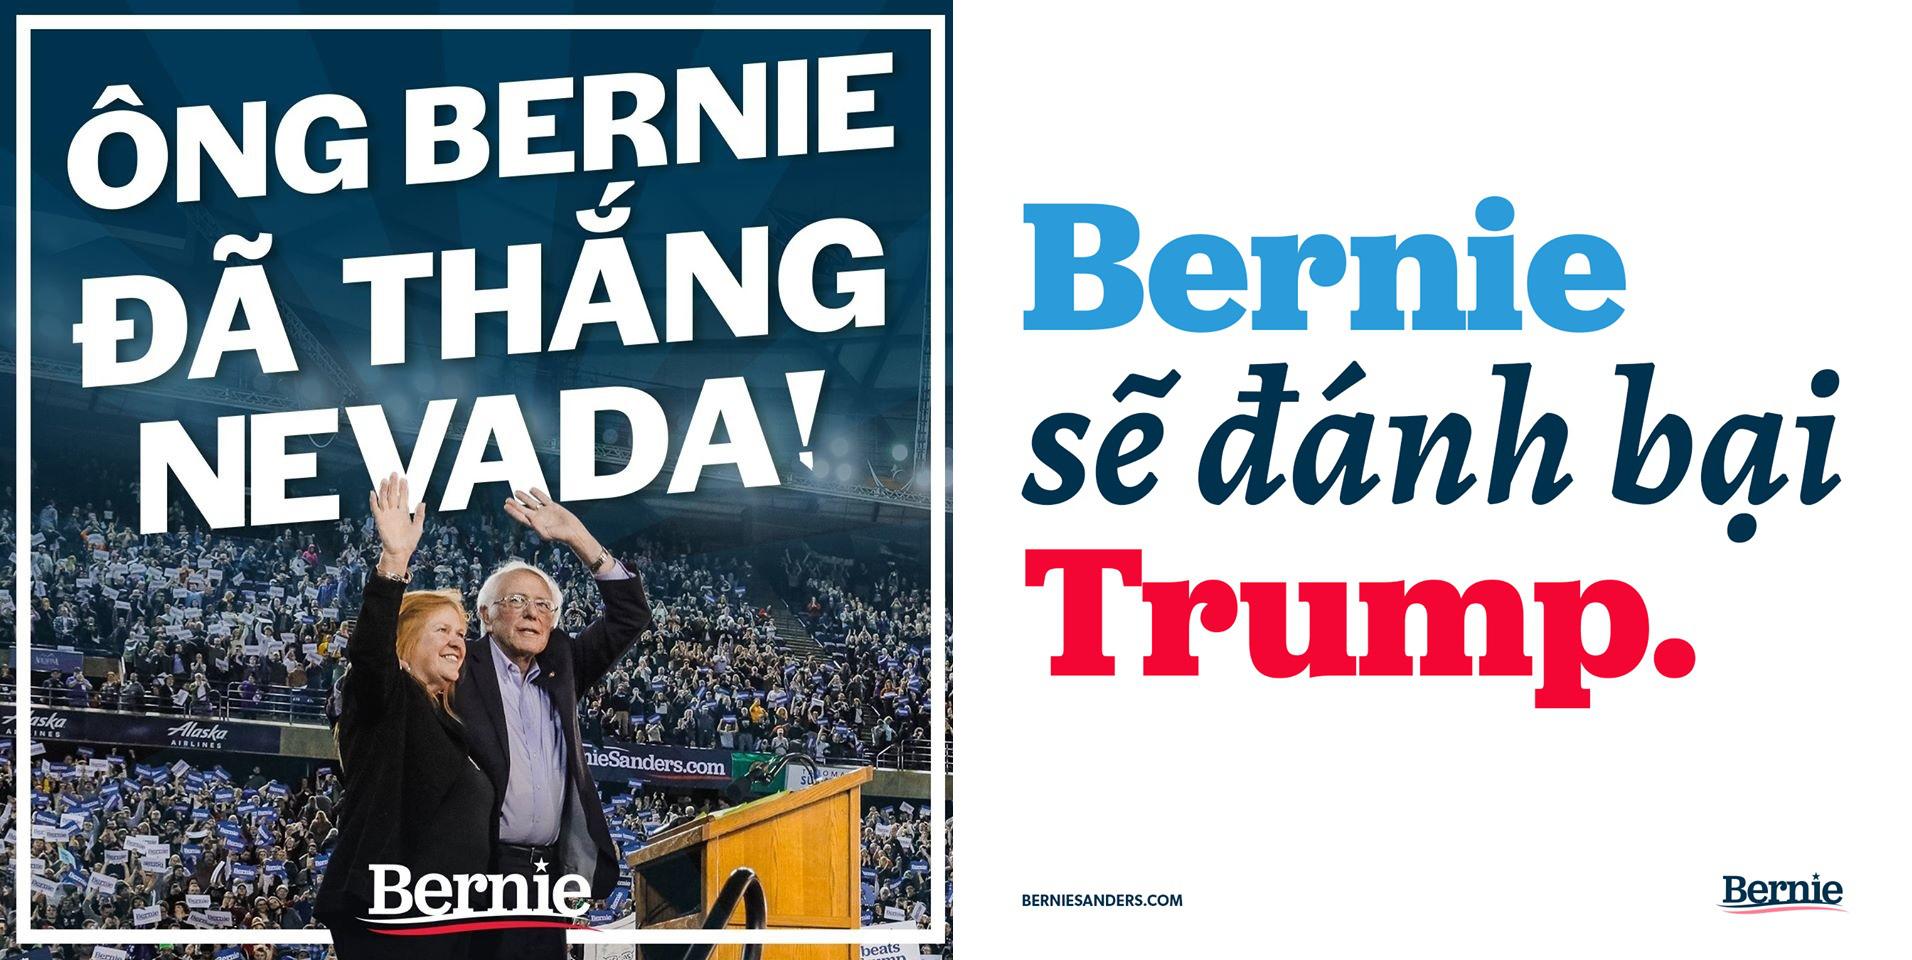 Sự trỗi dậy của Bernie Sanders và tương lai của nước Mỹ: Nền kinh tế lụn bại hay thị trường chứng khoán thăng hoa? - Ảnh 1.